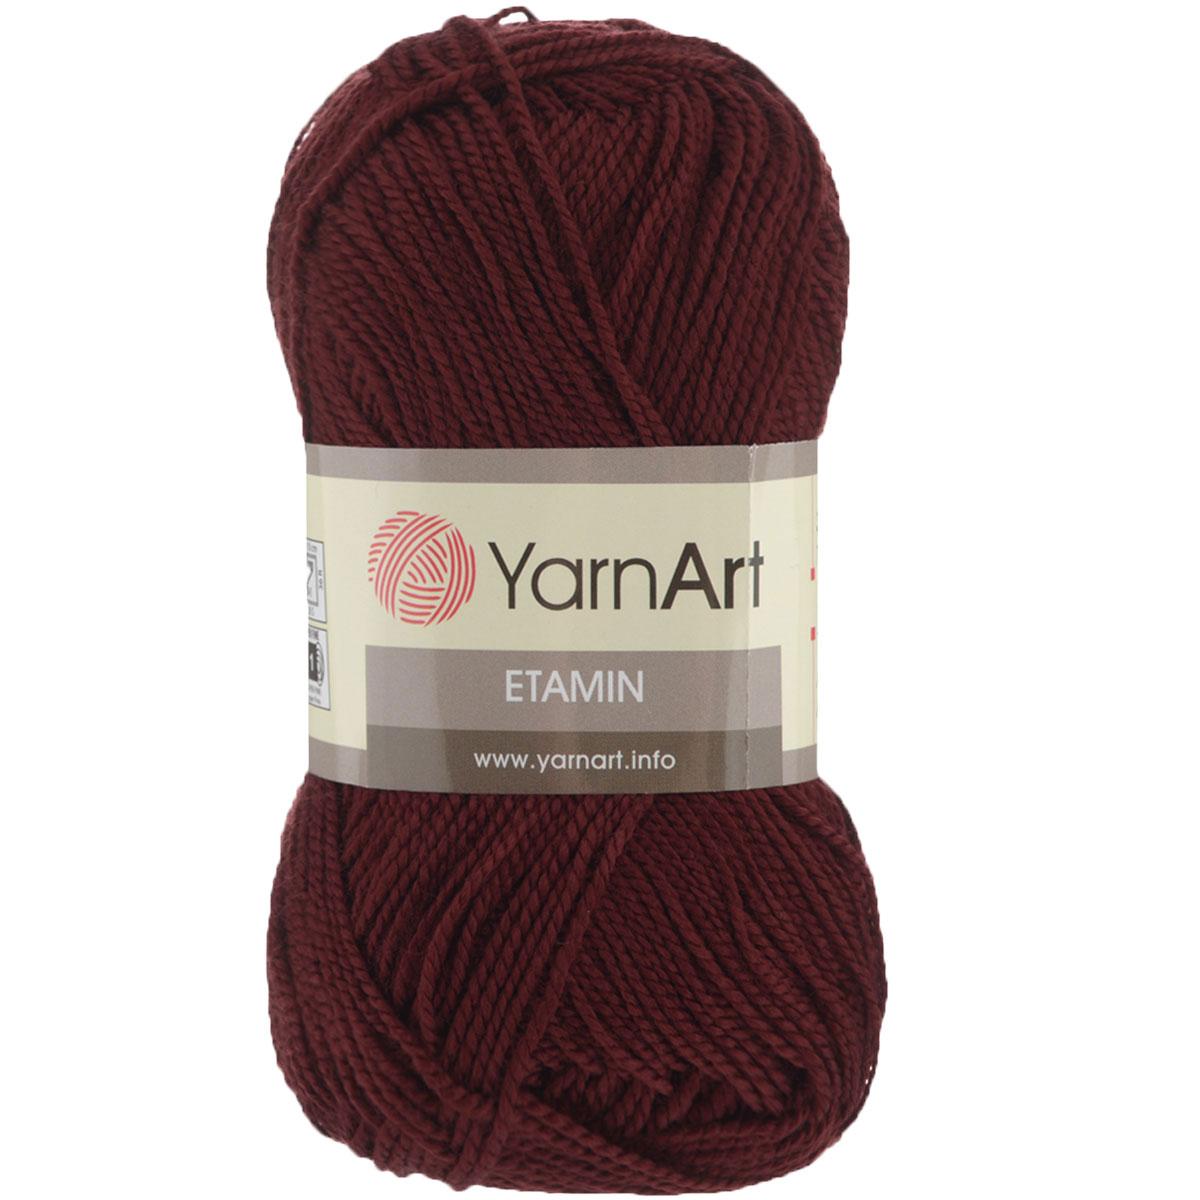 Пряжа для вязания YarnArt Etamin, цвет: бордовый (435), 180 м, 30 г, 10 шт372099_435Пряжа Etamin YarnArt - это классическая пряжа из тонкого акрила для вязания изящных вещиц. Пряжа довольно прочная, не вытягивается, не скатывается, цветовая палитра представлена широчайшей радугой оттенков. Очень хорошо из Etamin YarnArt вязать декоративные элементы, цветы, игрушки, куколки и одежду для них, чехлы для мобильных телефонов и так далее. Вязать из этой ниточки очень легко: пряжа не скользит, не спутывается и не расслаивается. Рекомендованные спицы и крючок № 2,5. Состав: 100% акрил.